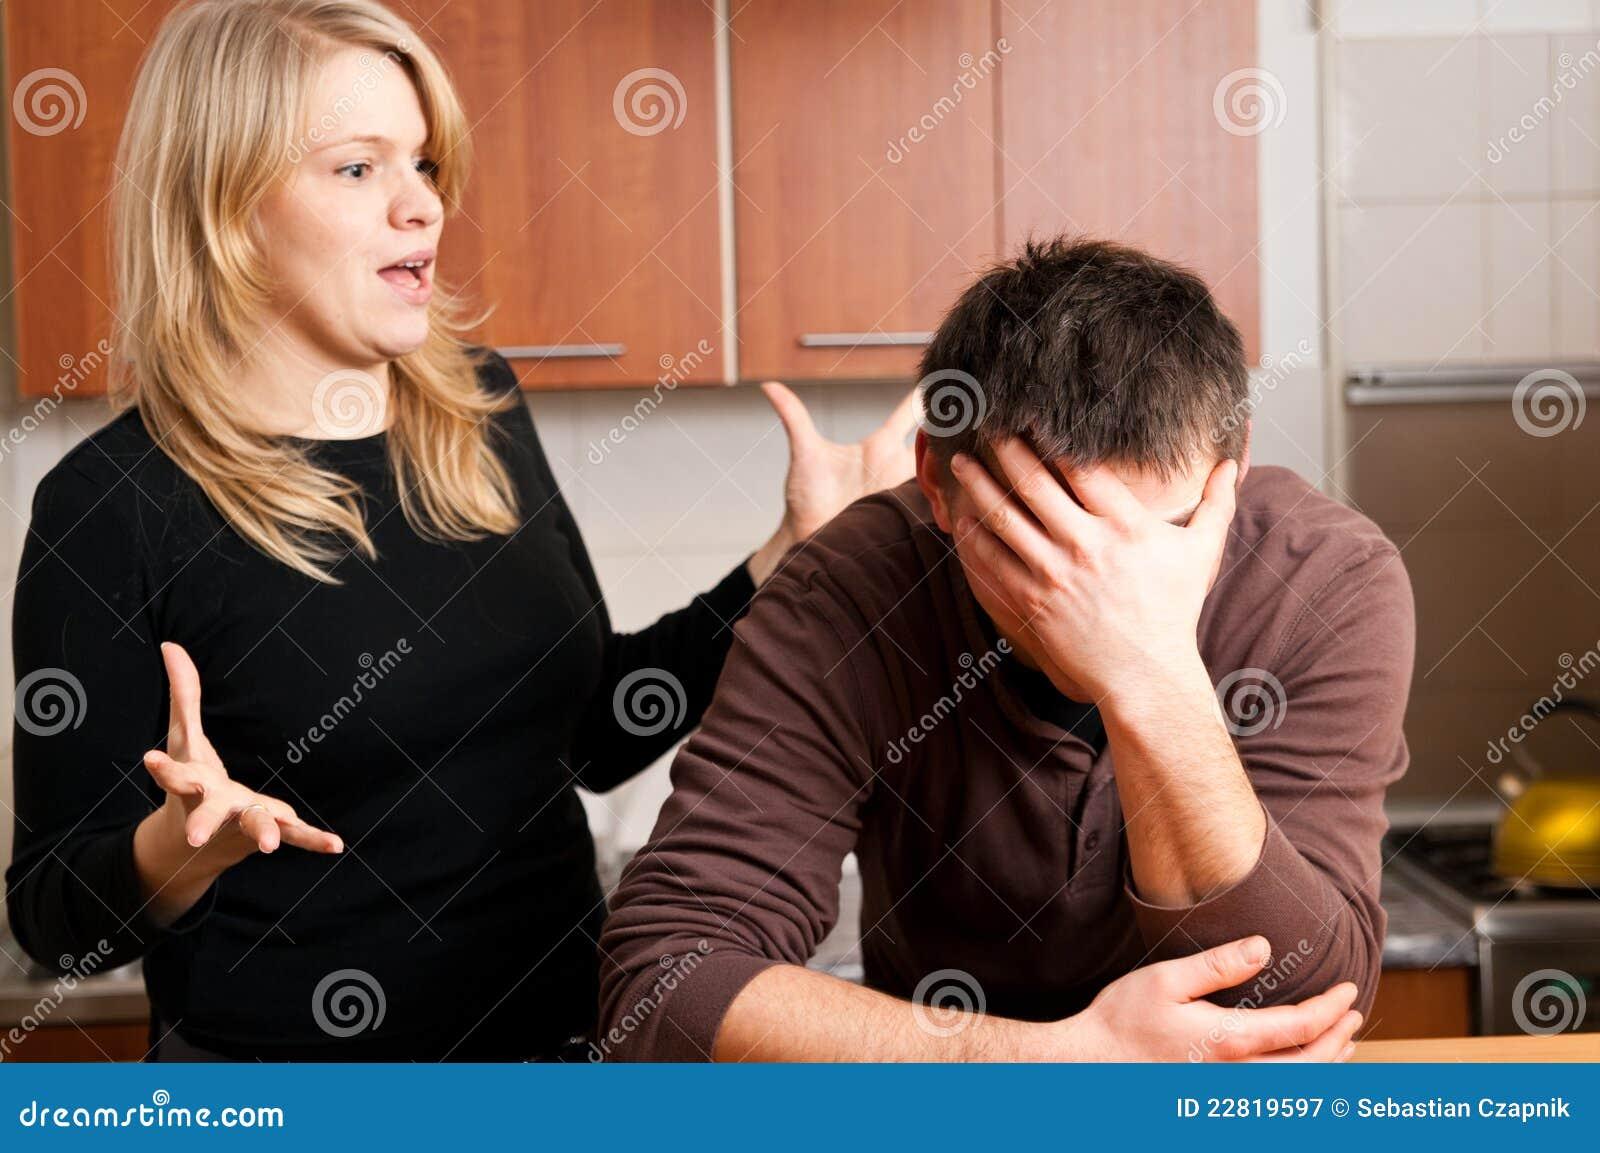 Фото ссор с девушкой